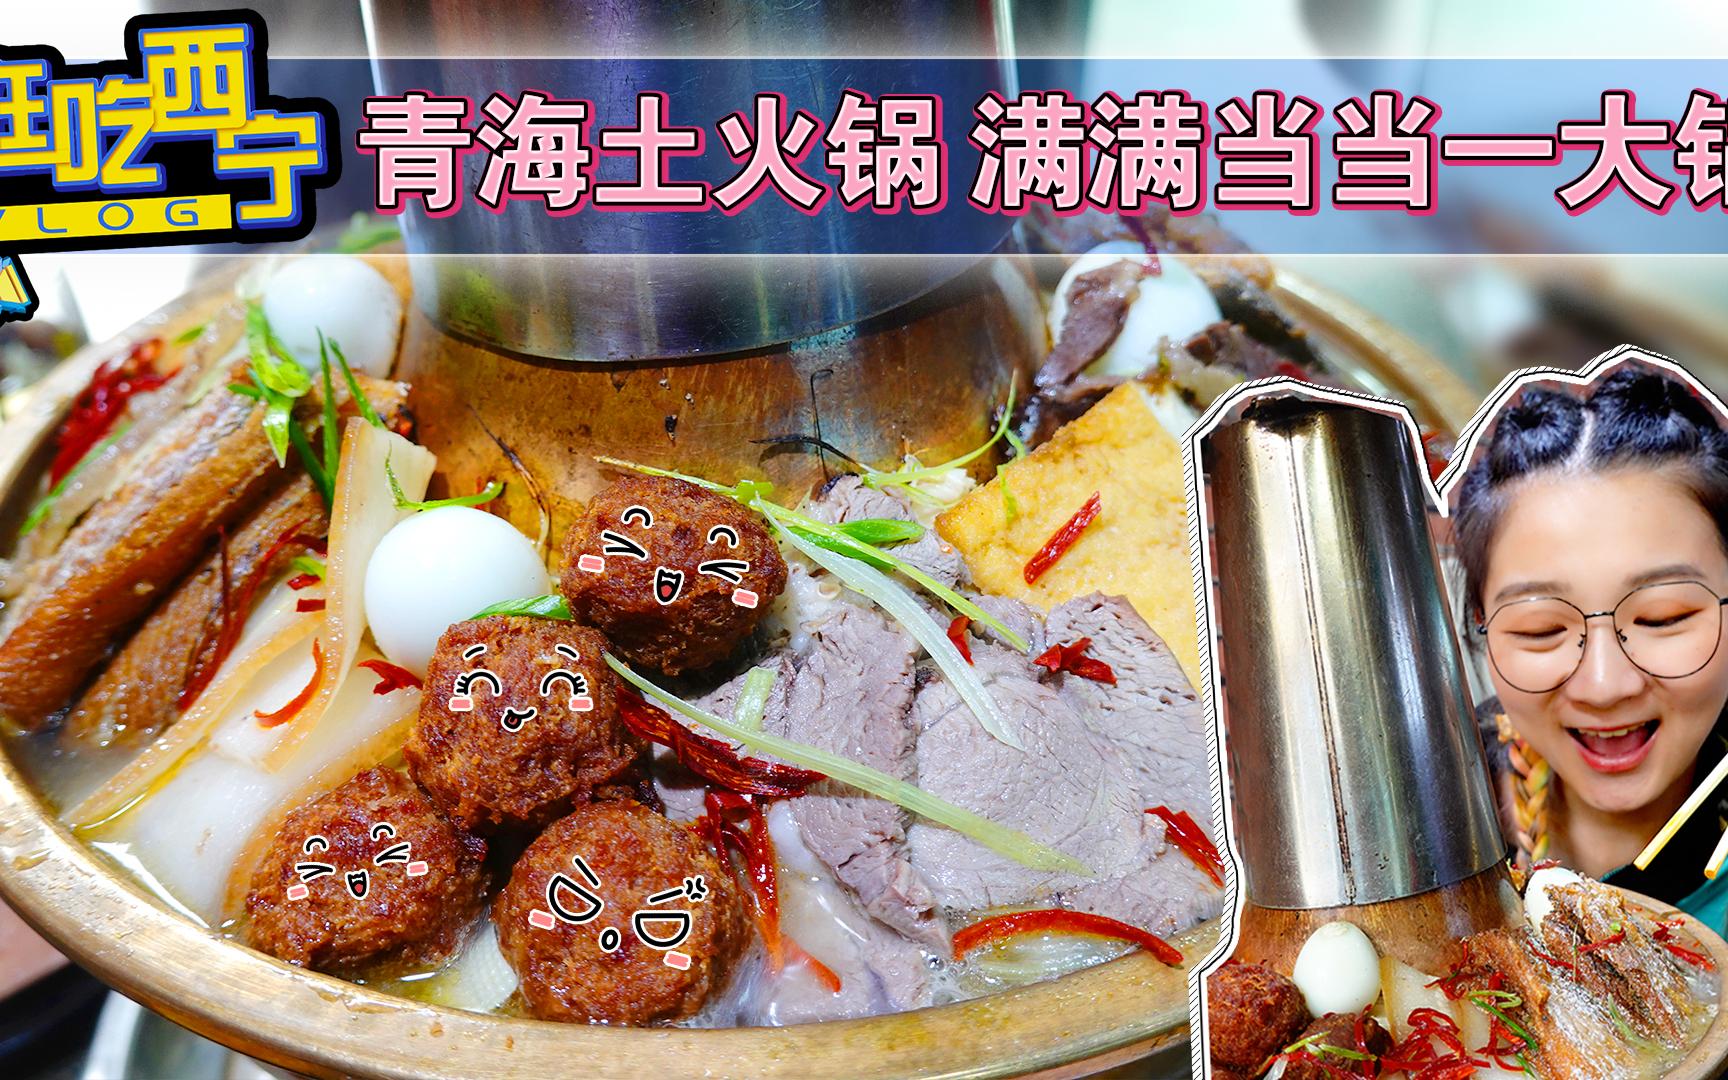 【逛吃西宁】青海特色土火锅!满满一锅有鱼有肉,五花肉超好吃!